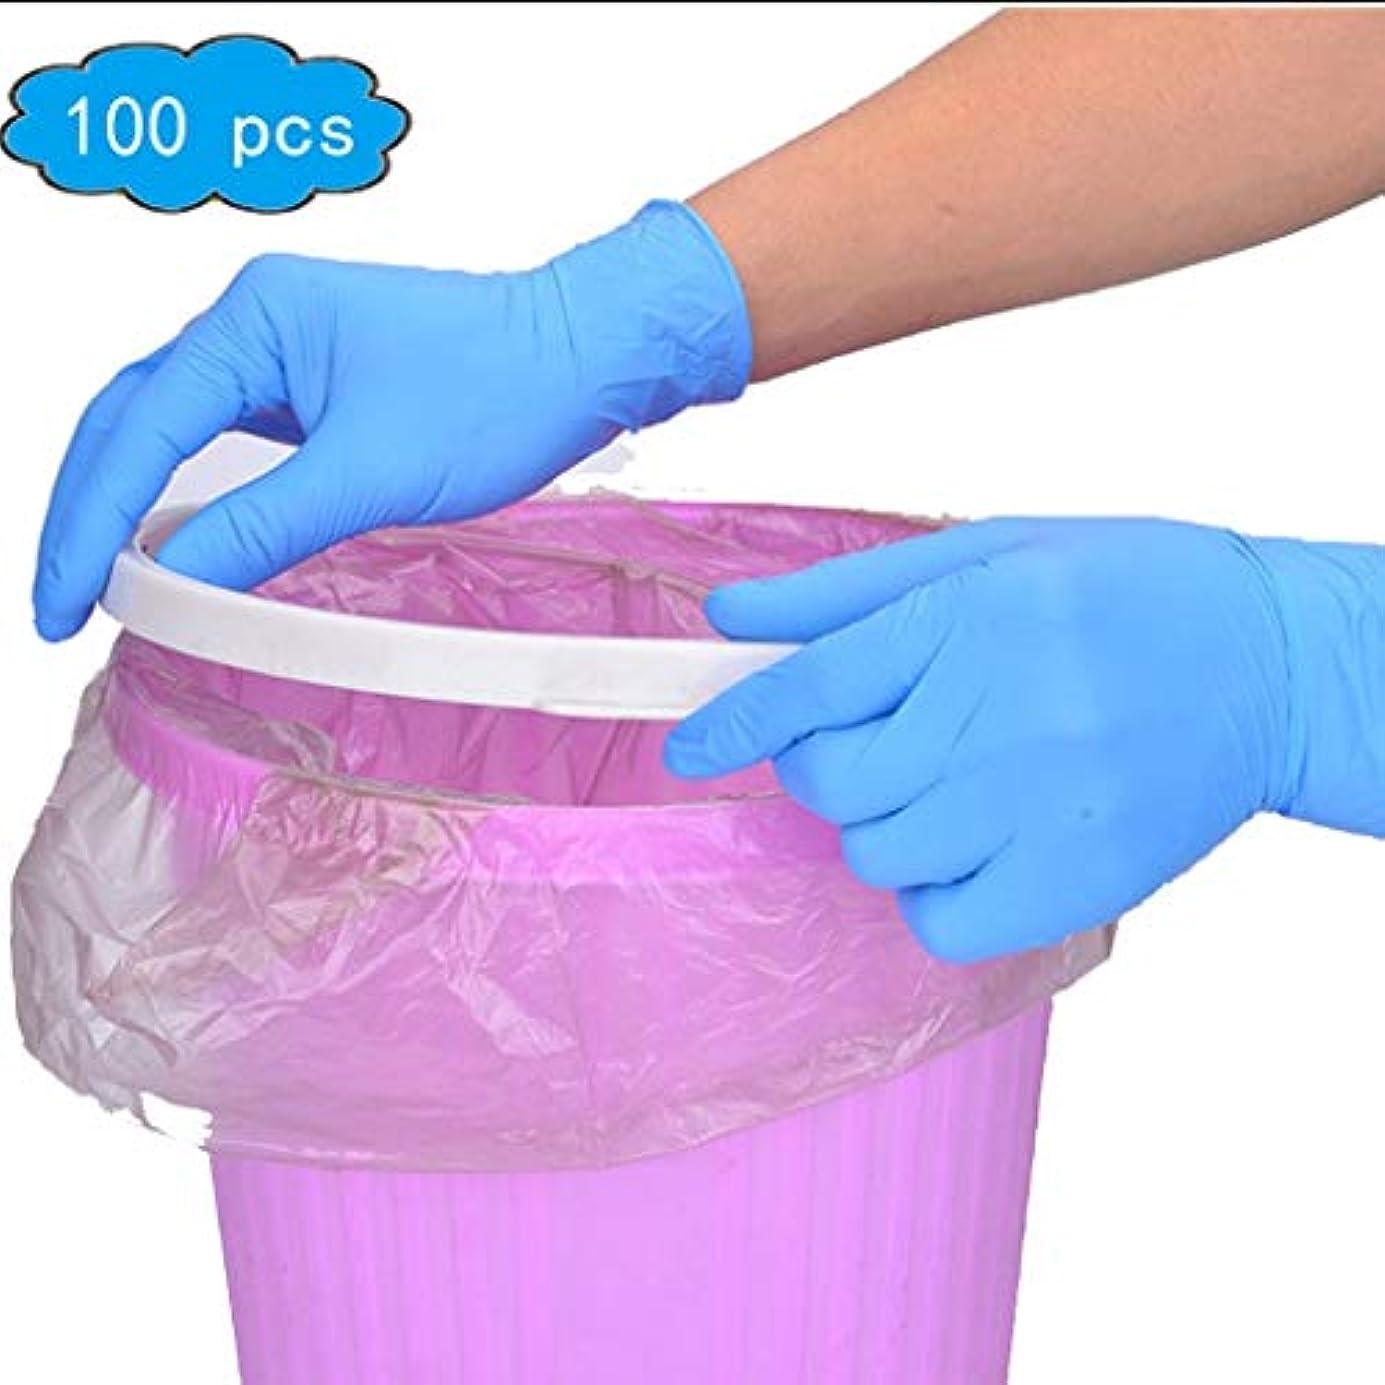 法令トライアスロン敬礼使い捨てニトリルグローブ、医療用品&機器、テクスチャ指先、フードセーフ、ツール&ホーム改善、塗装、(青、大)100箱、家庭用品、ラテックス手袋使い捨て (Color : Blue, Size : S)